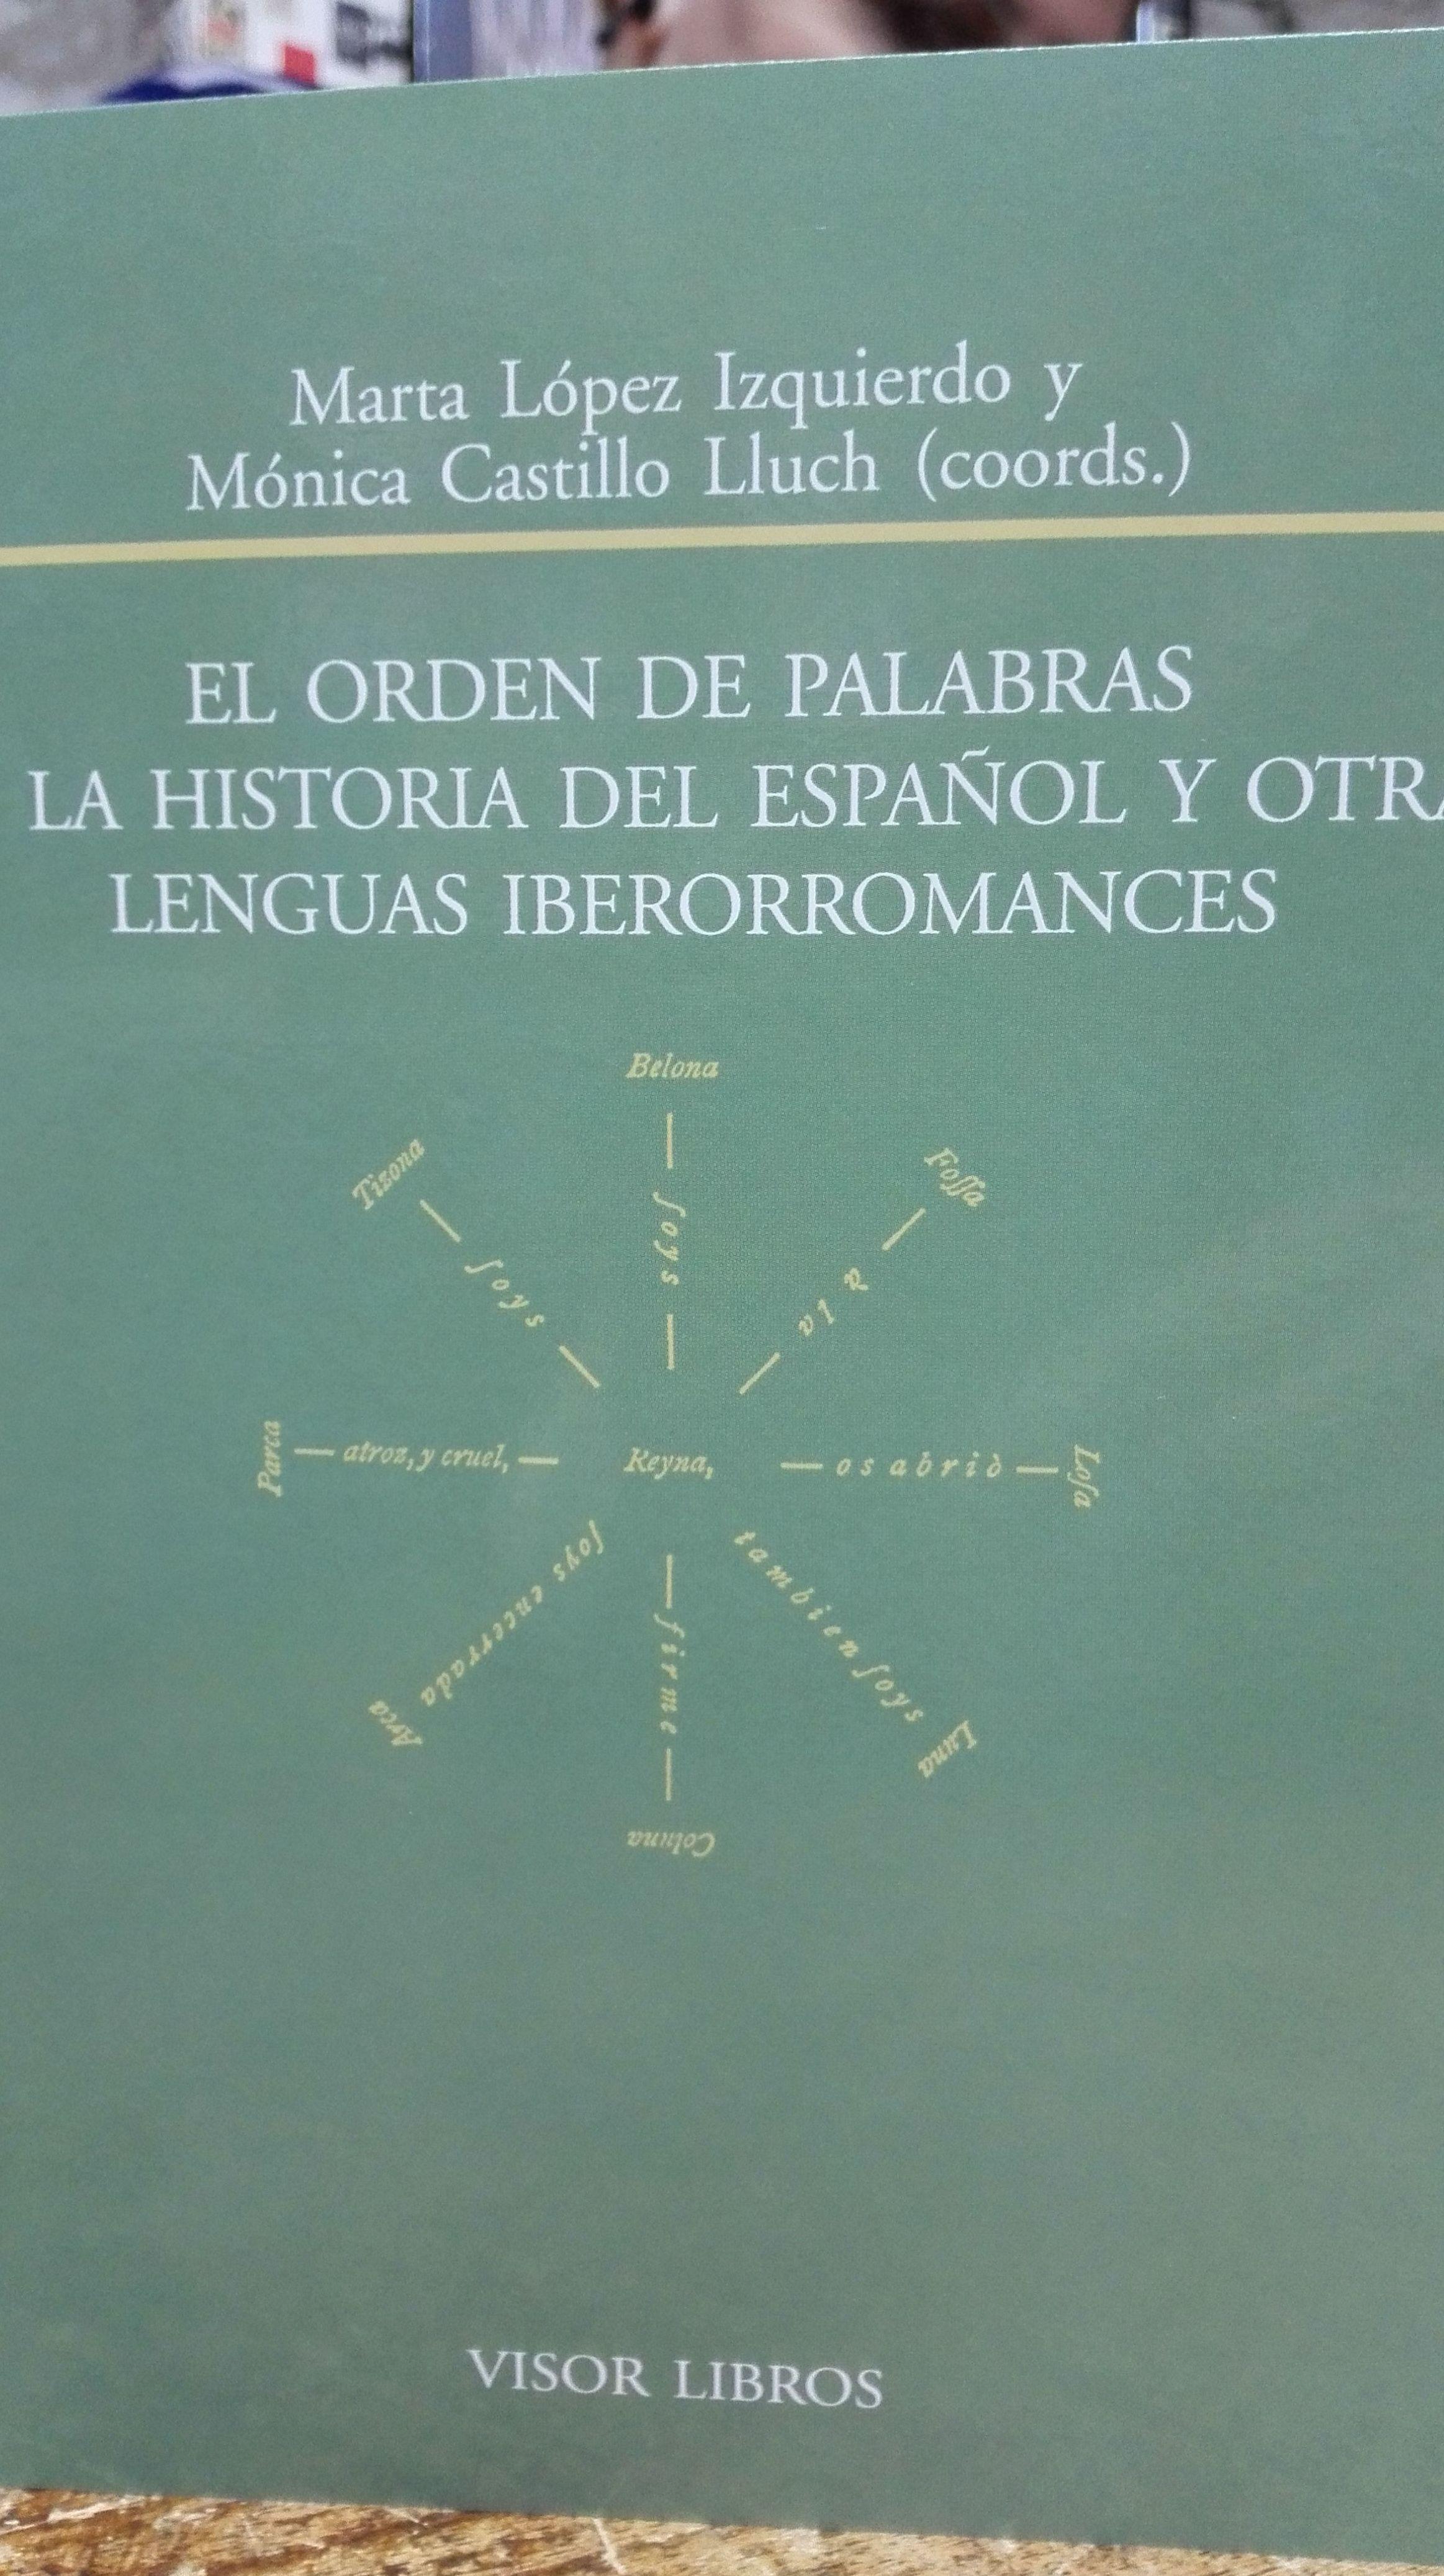 El origen de las palabras, la historia del Español y otras lenguas Iberorromances